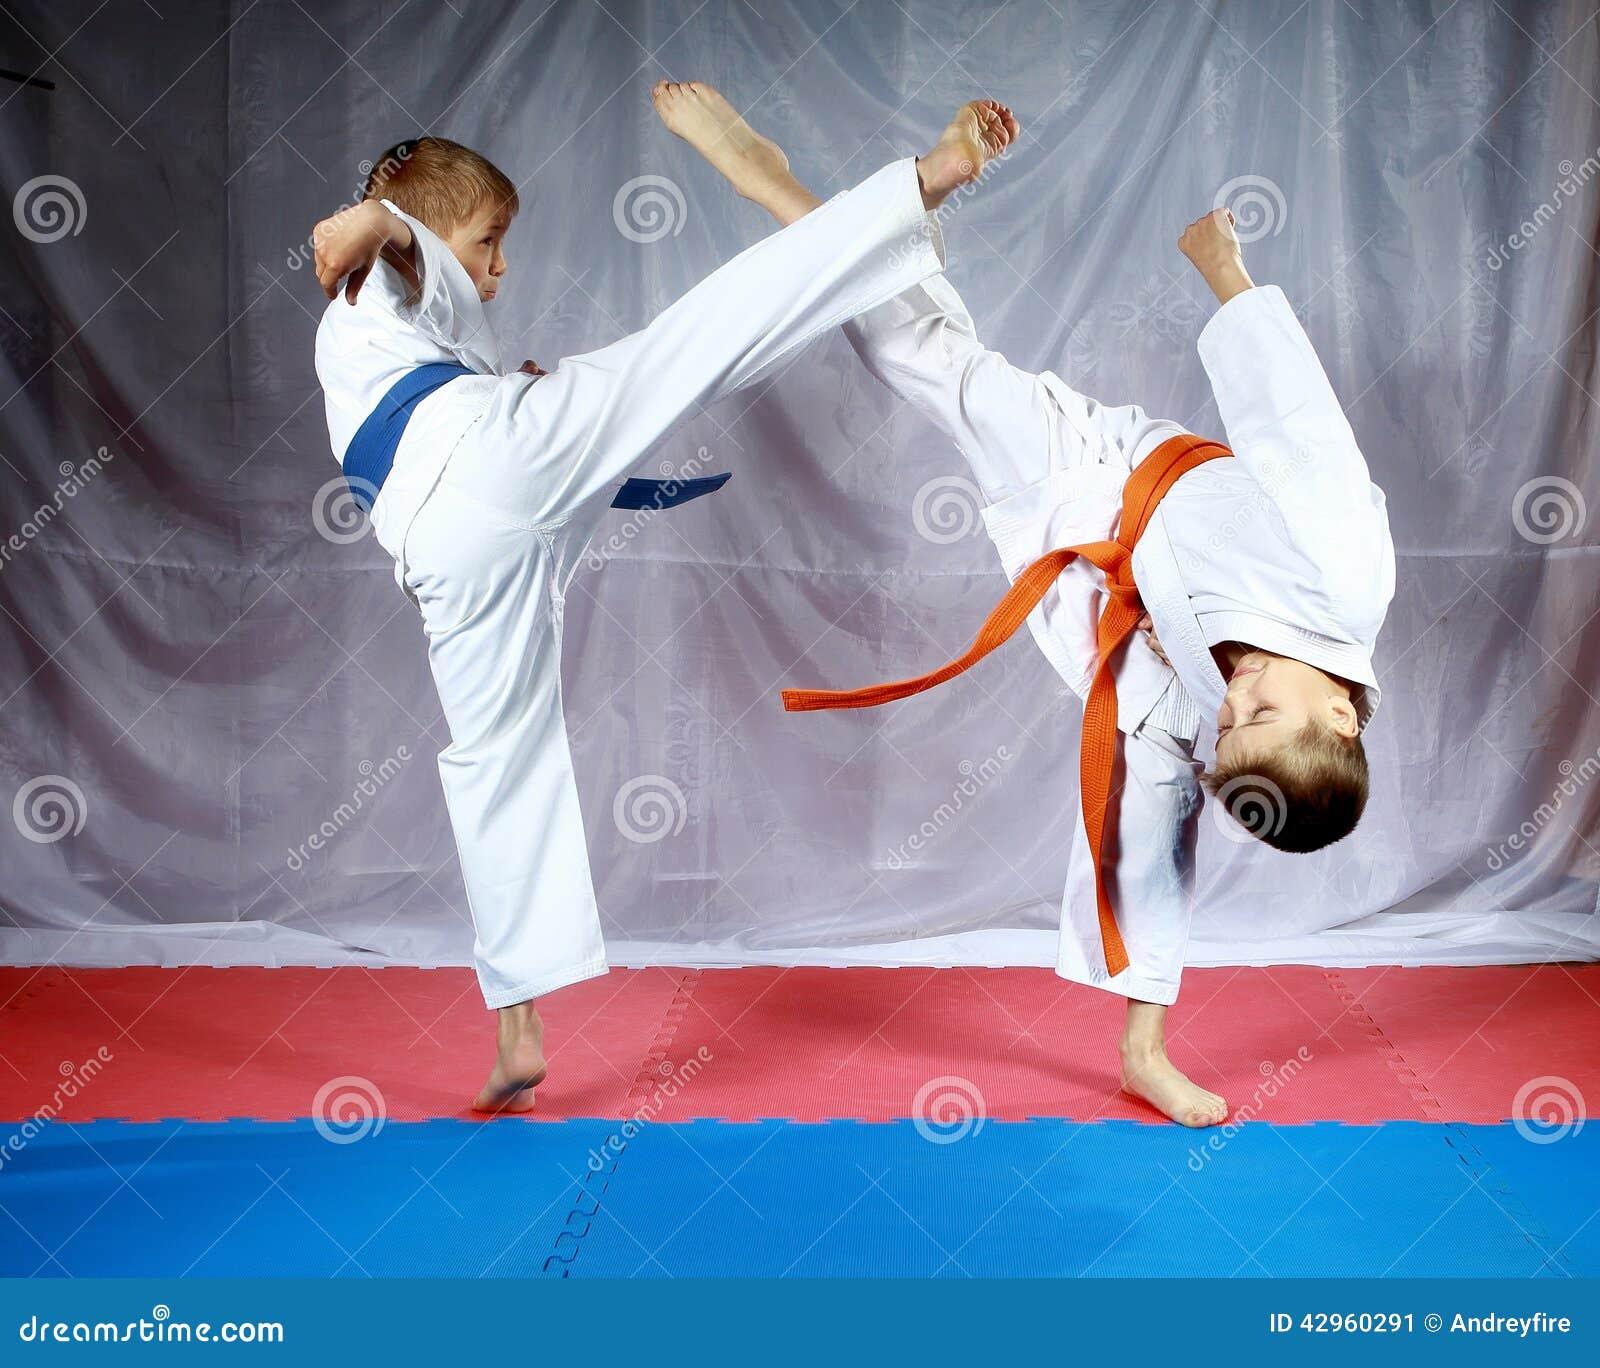 Die Schlagbeine, zum sich zu treffen schlagen Athleten im karategi